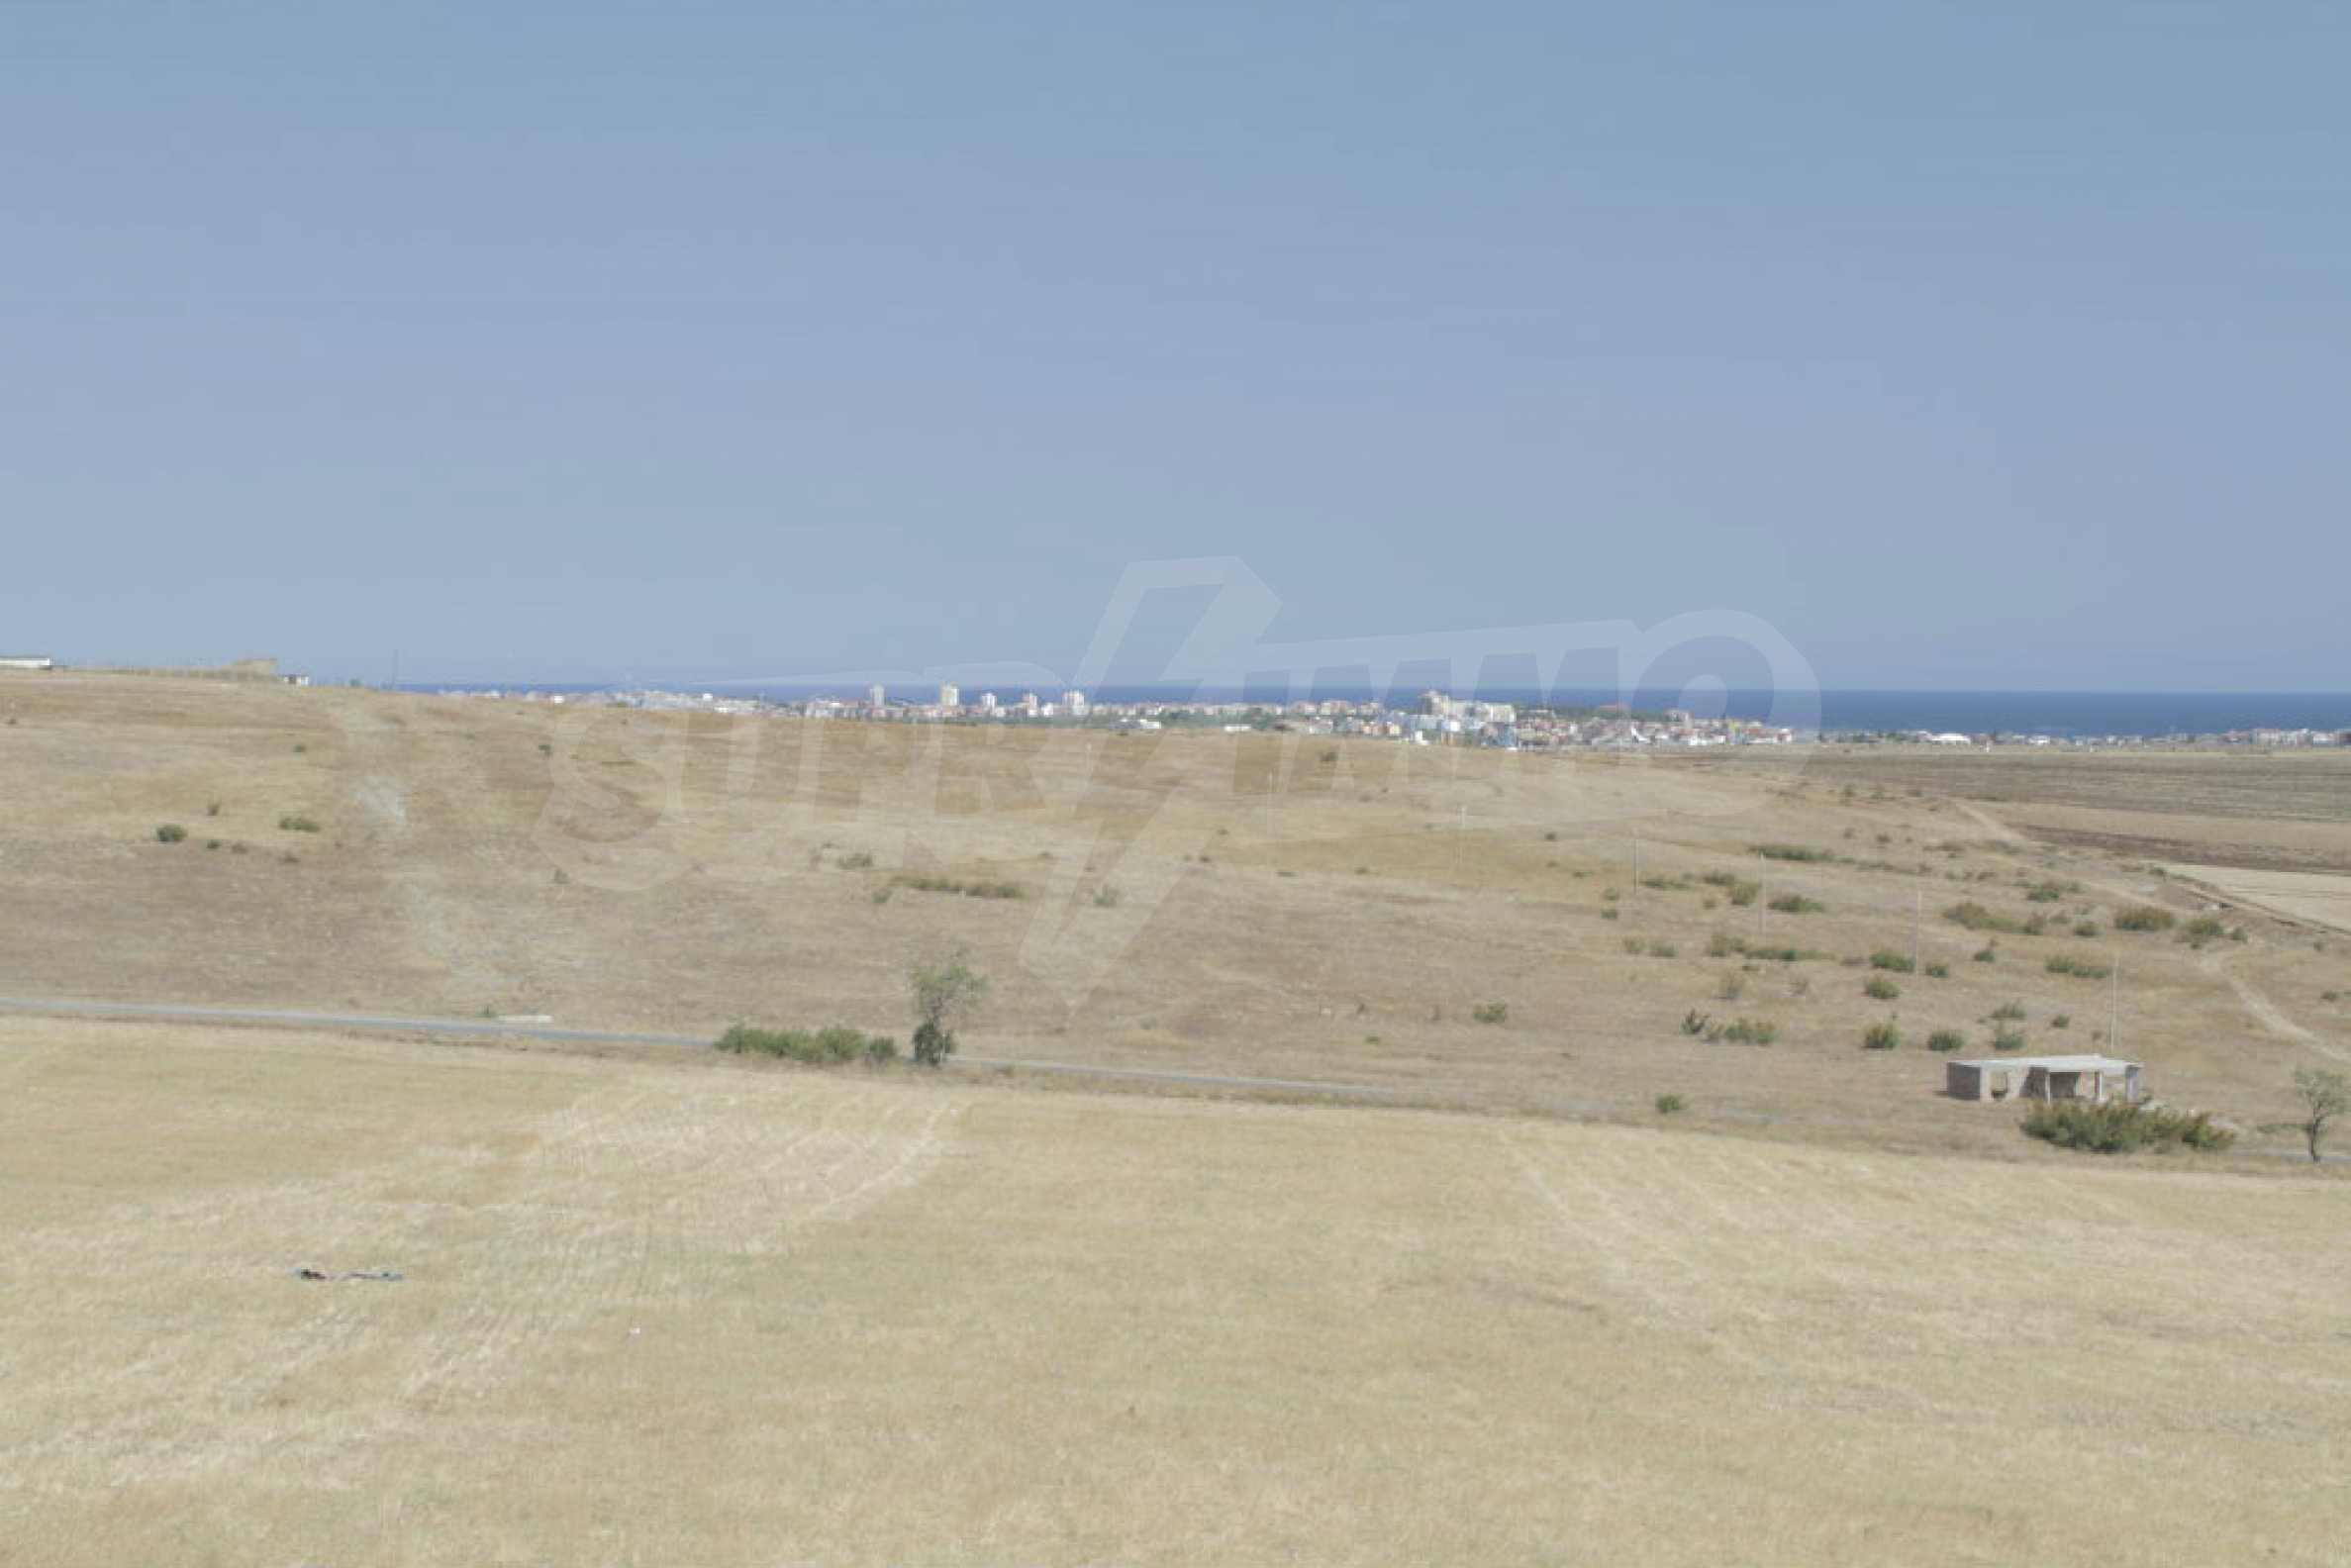 Парцел за инвестиция до исторически комплекс Ахелой 917, на няколко км от Слънчев бряг, до Тънково и Ахелой 9